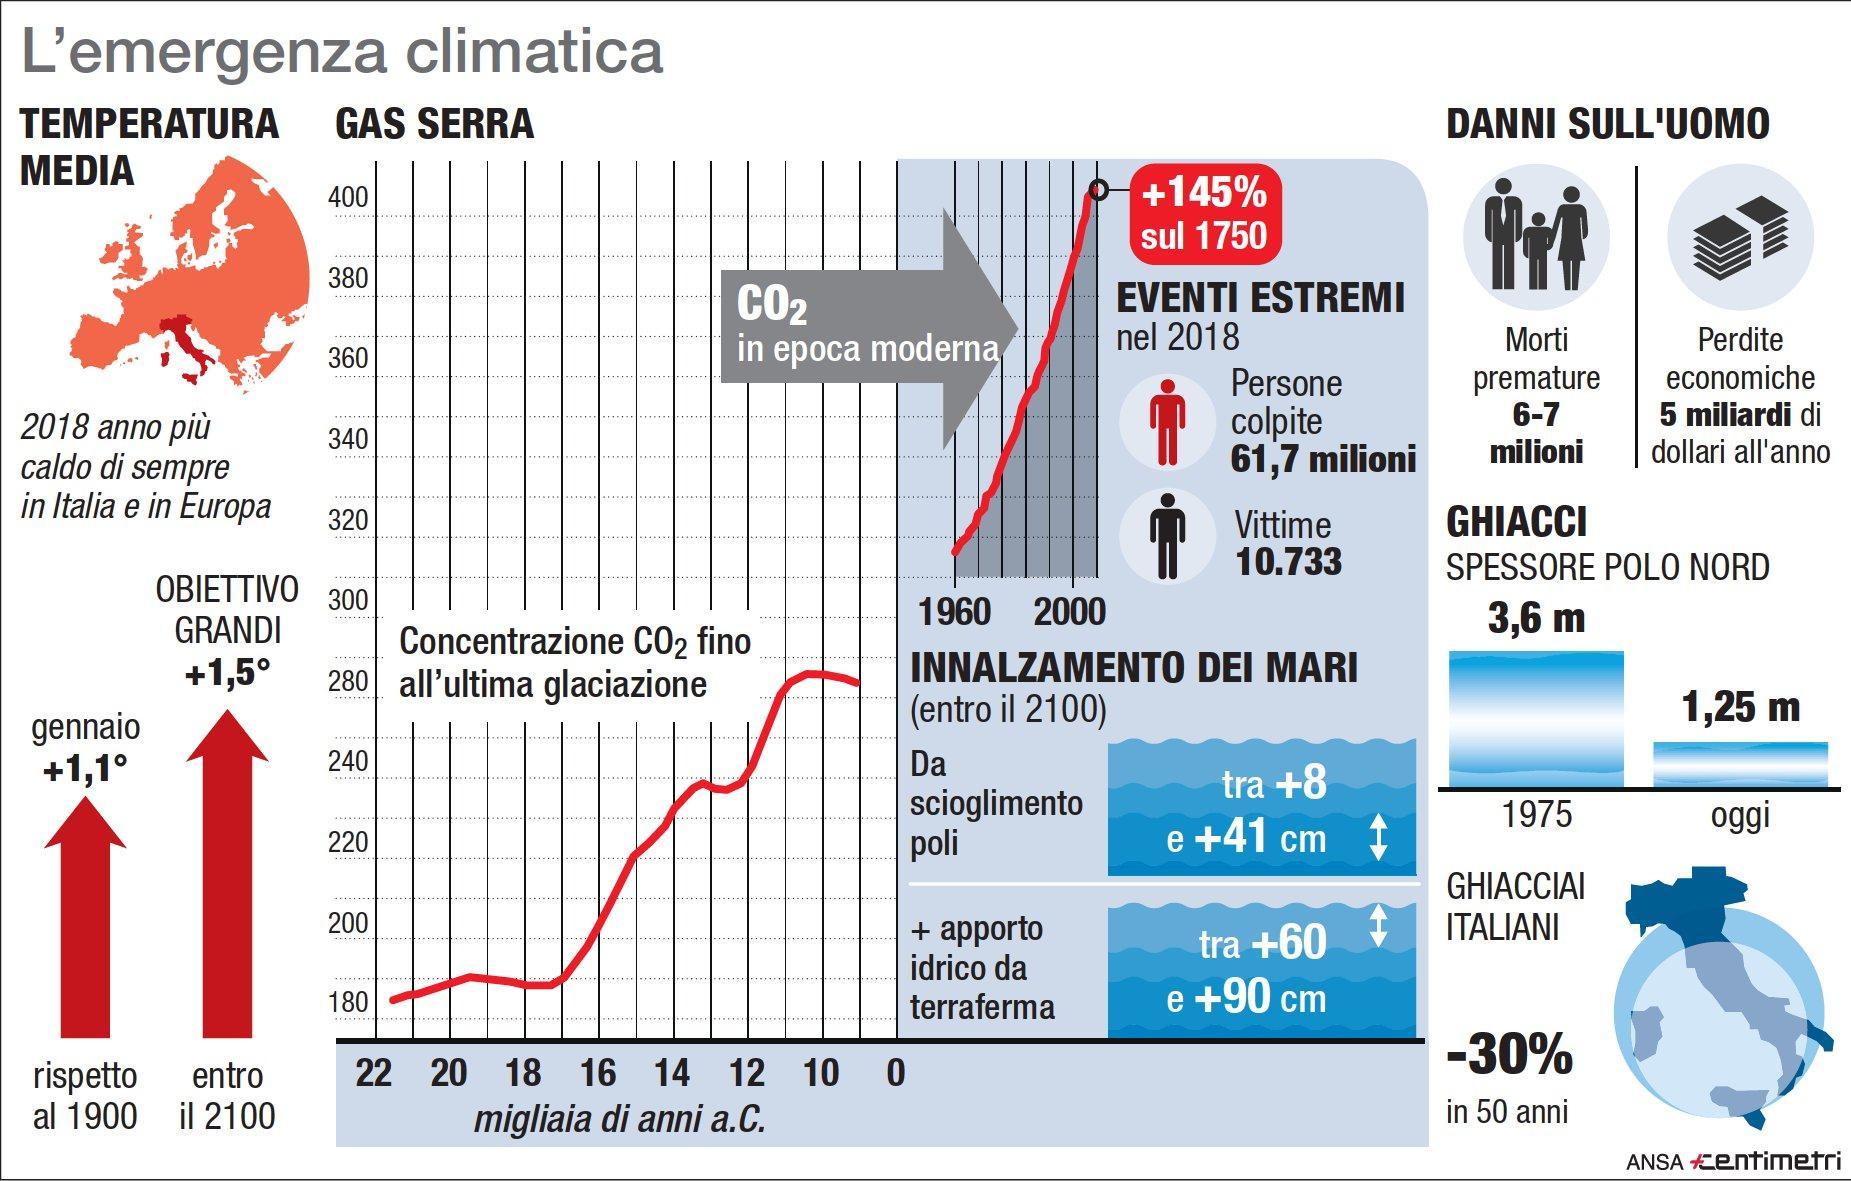 Emergenza climatica: i dati e le conseguenze dei cambiamenti